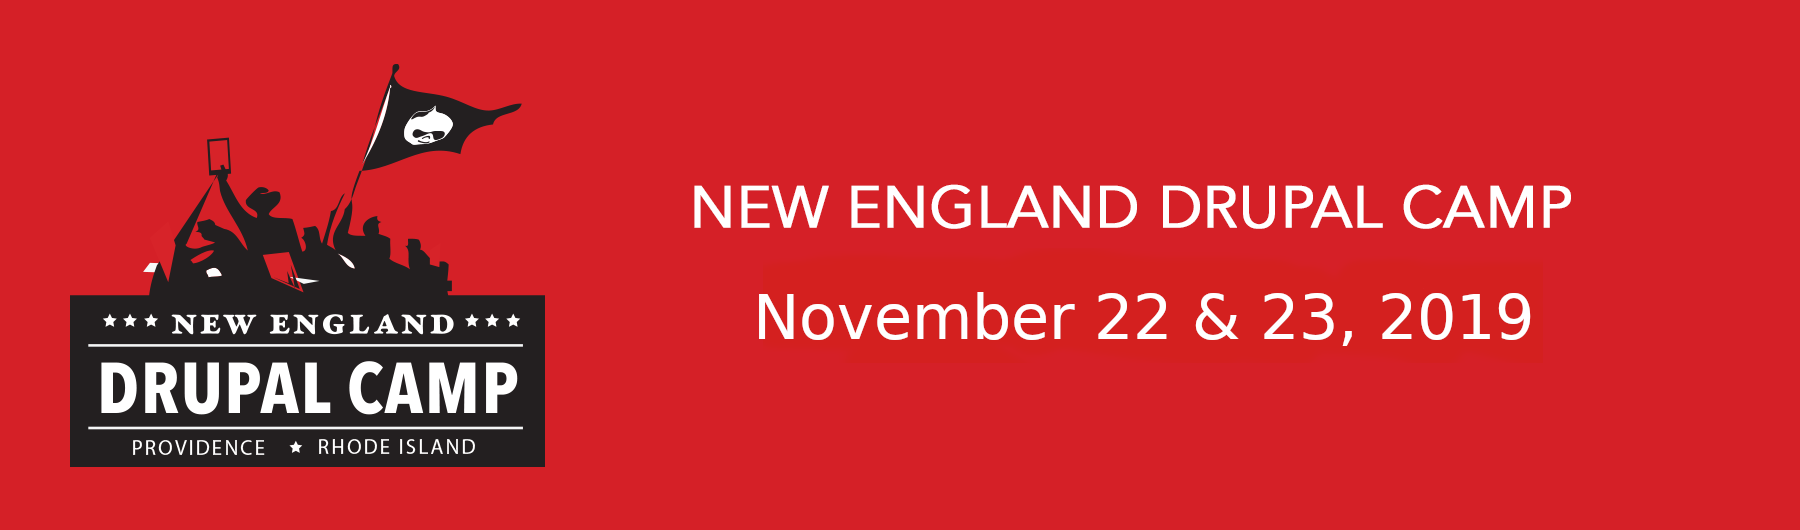 New England Drupal Camp Registration 2019